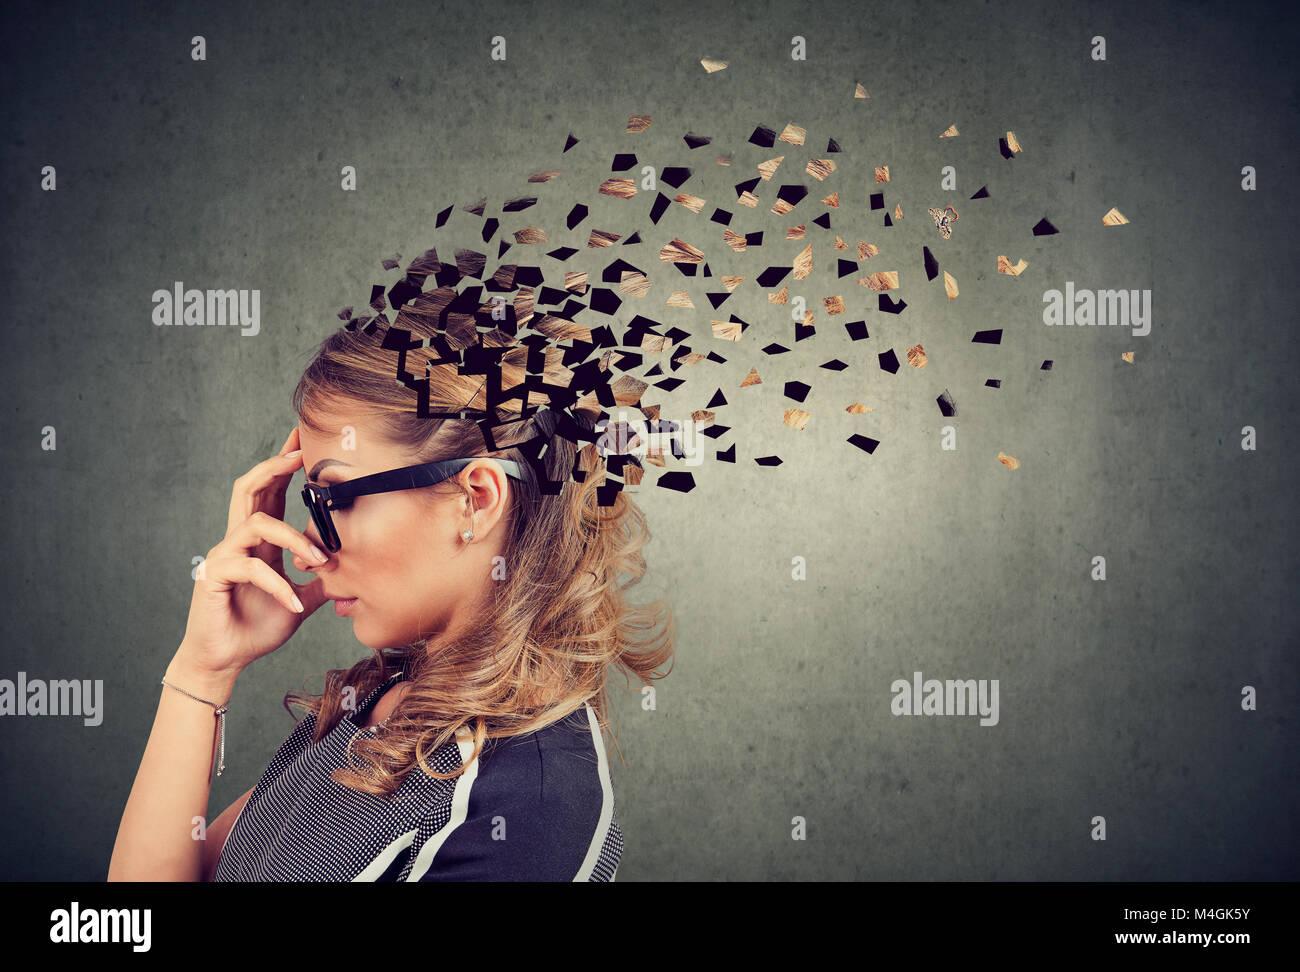 La perdita di memoria a causa di demenza o danni cerebrali. Il profilo laterale di una donna perdere parti di testa Immagini Stock